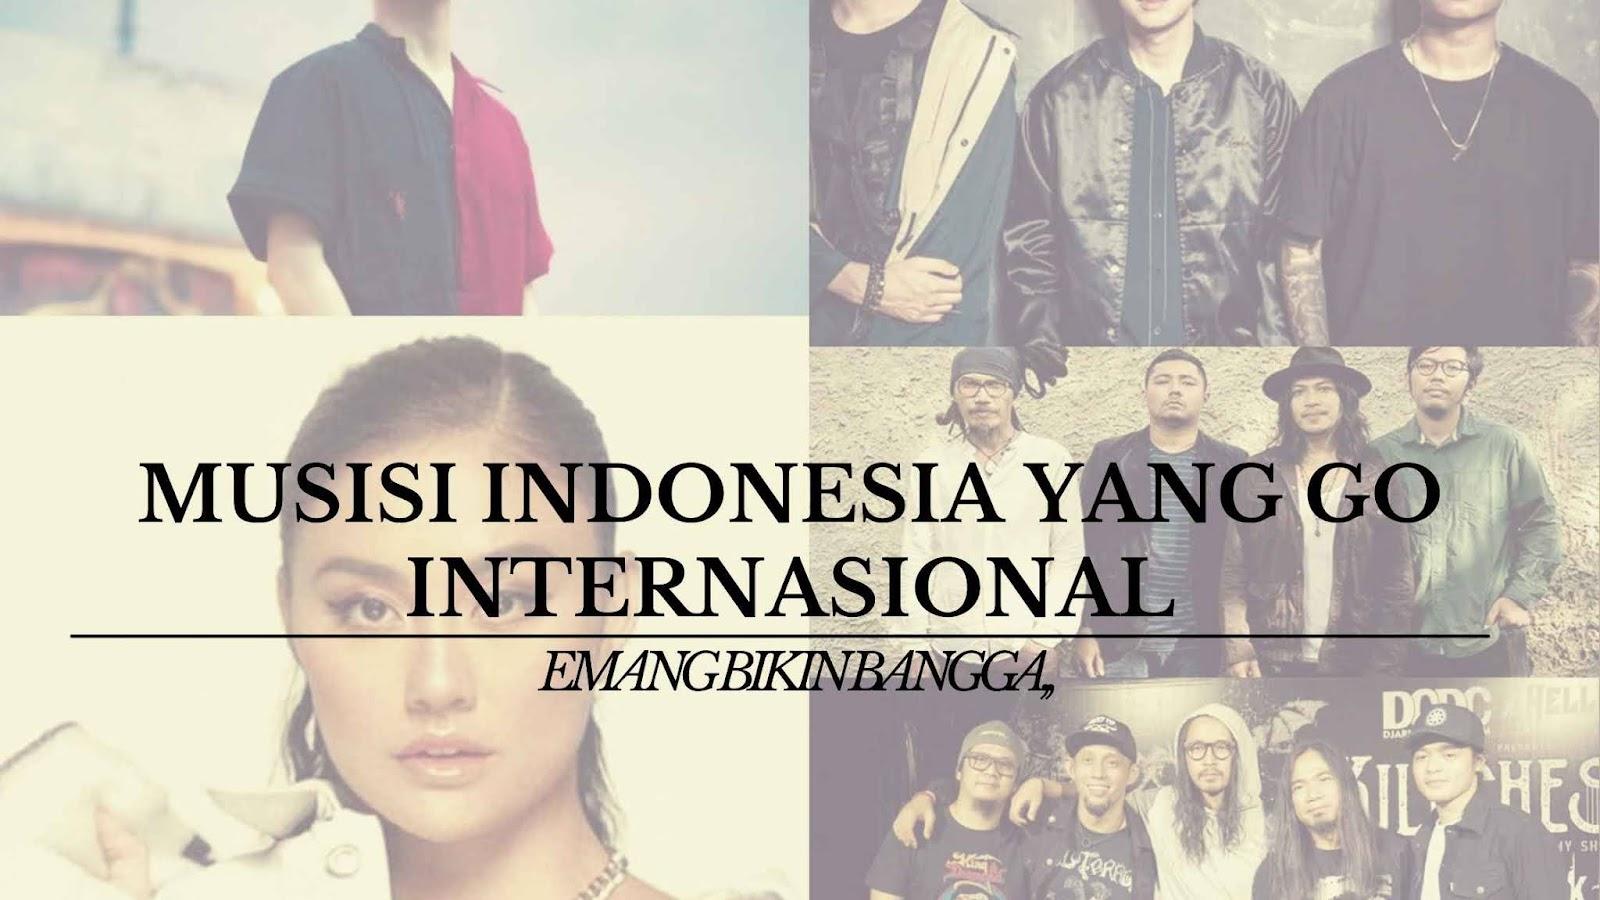 Nama musisi Indonesia Yang Mendunia